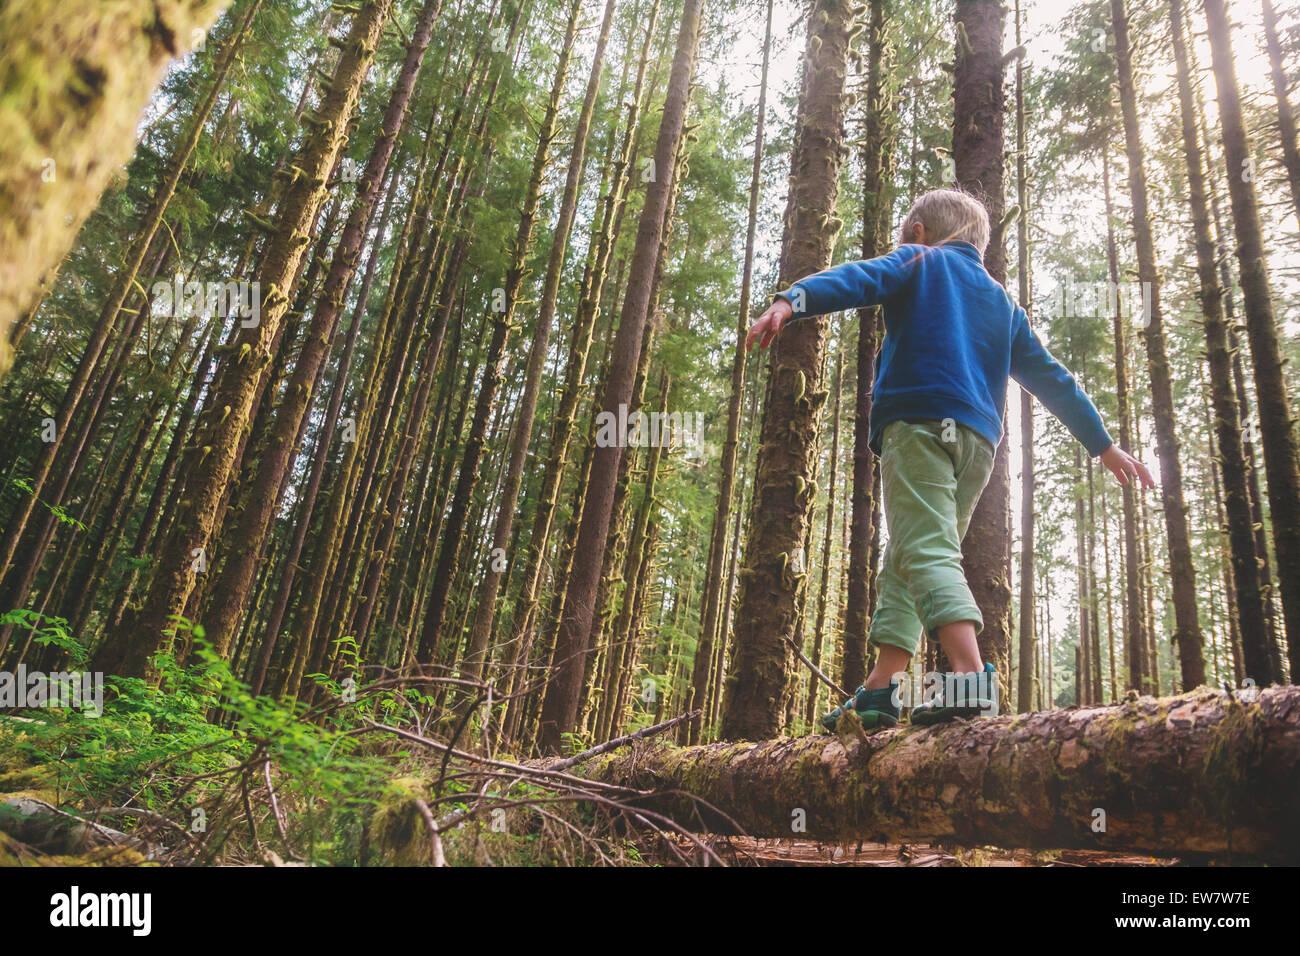 Niedrigen Winkel Ansicht eines jungen zu Fuß über einen Baumstamm Stockbild